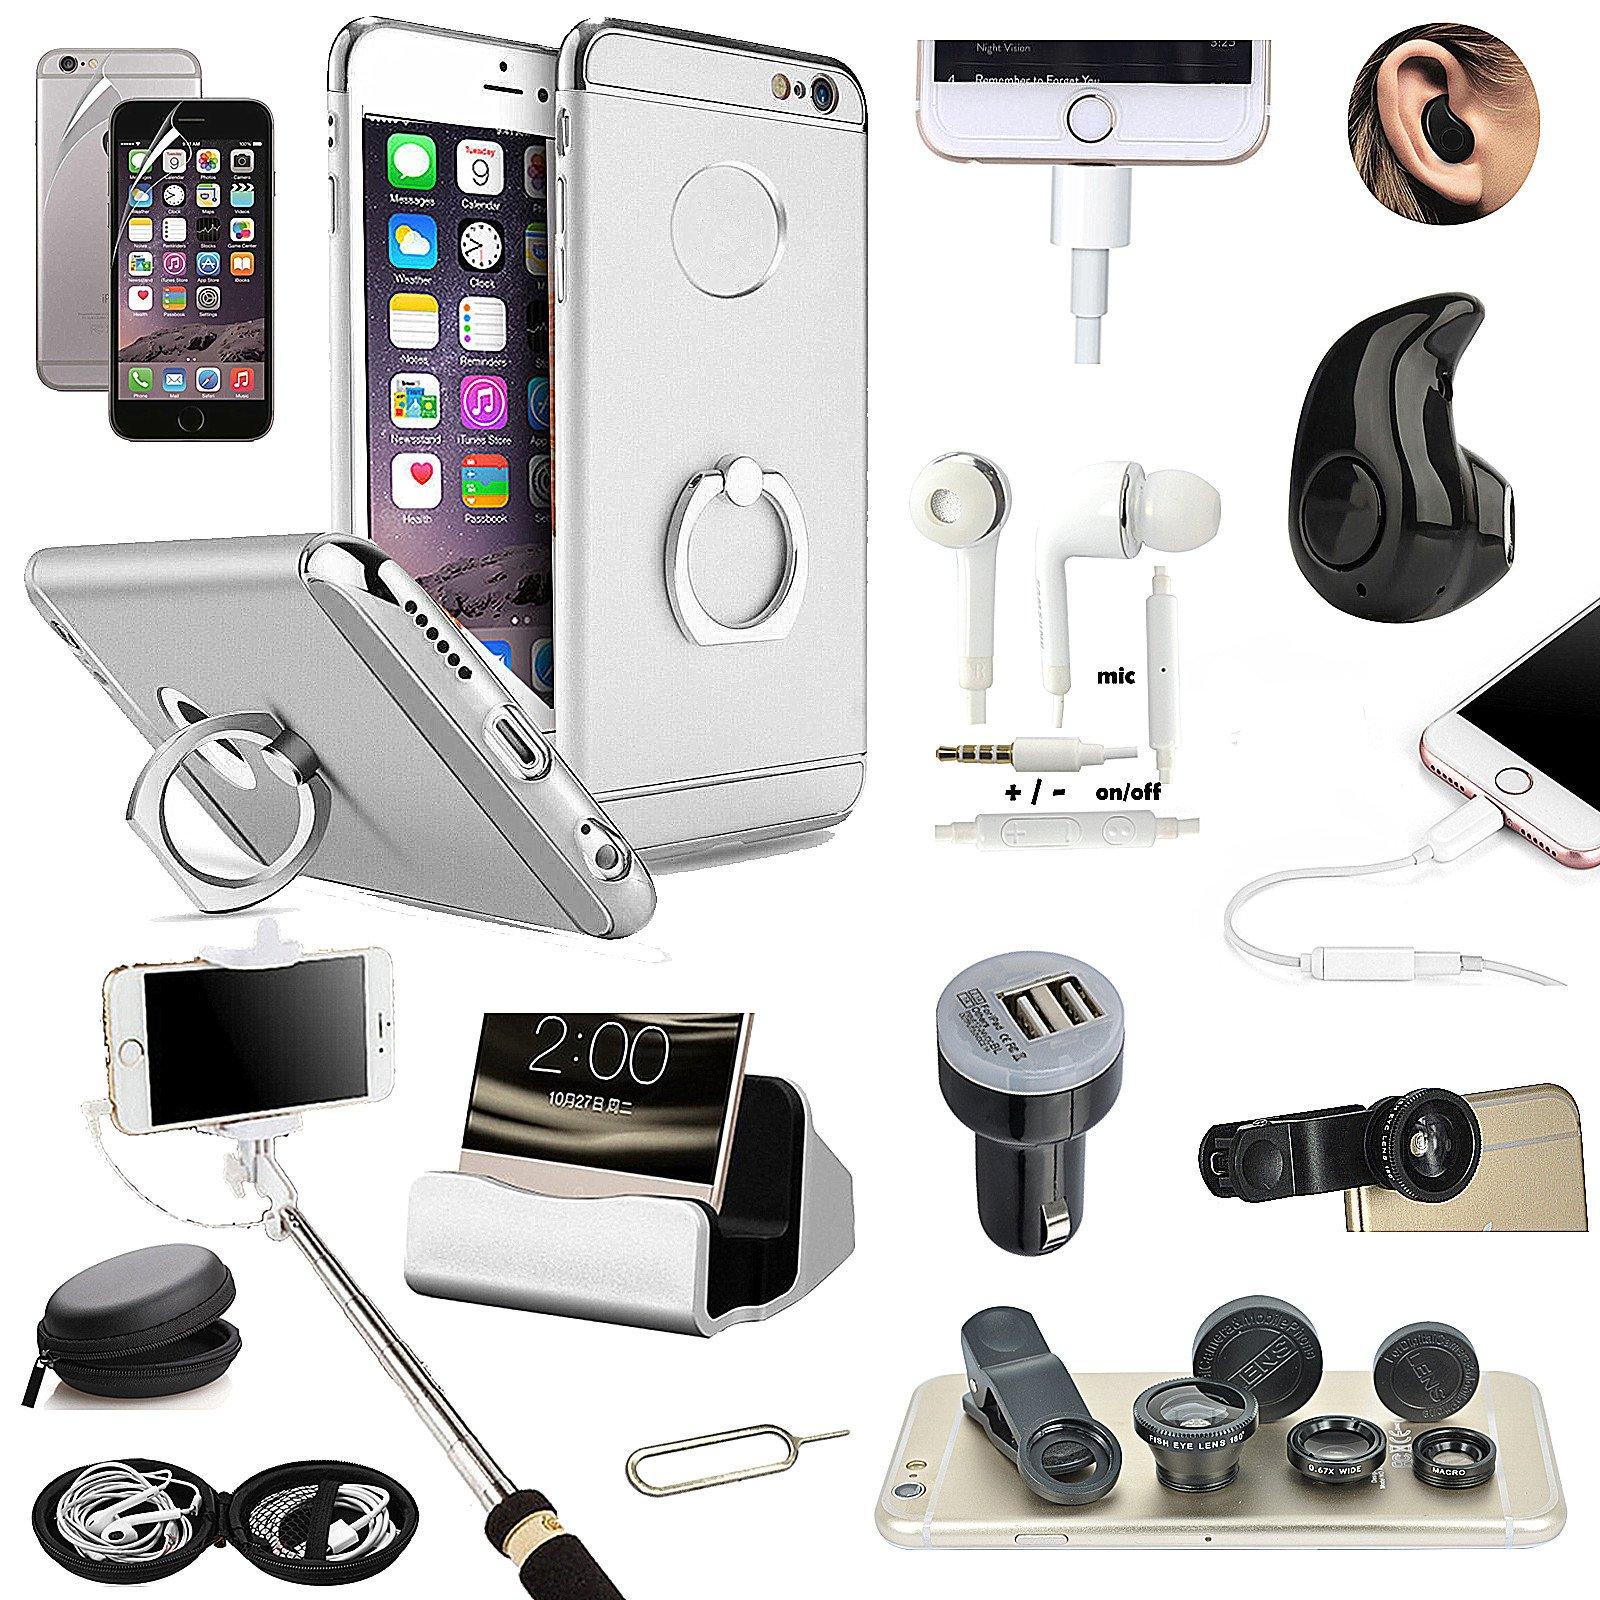 sliver ring holder case cover bluetooth earphone selfie stick lens for iphone 7 ebay. Black Bedroom Furniture Sets. Home Design Ideas